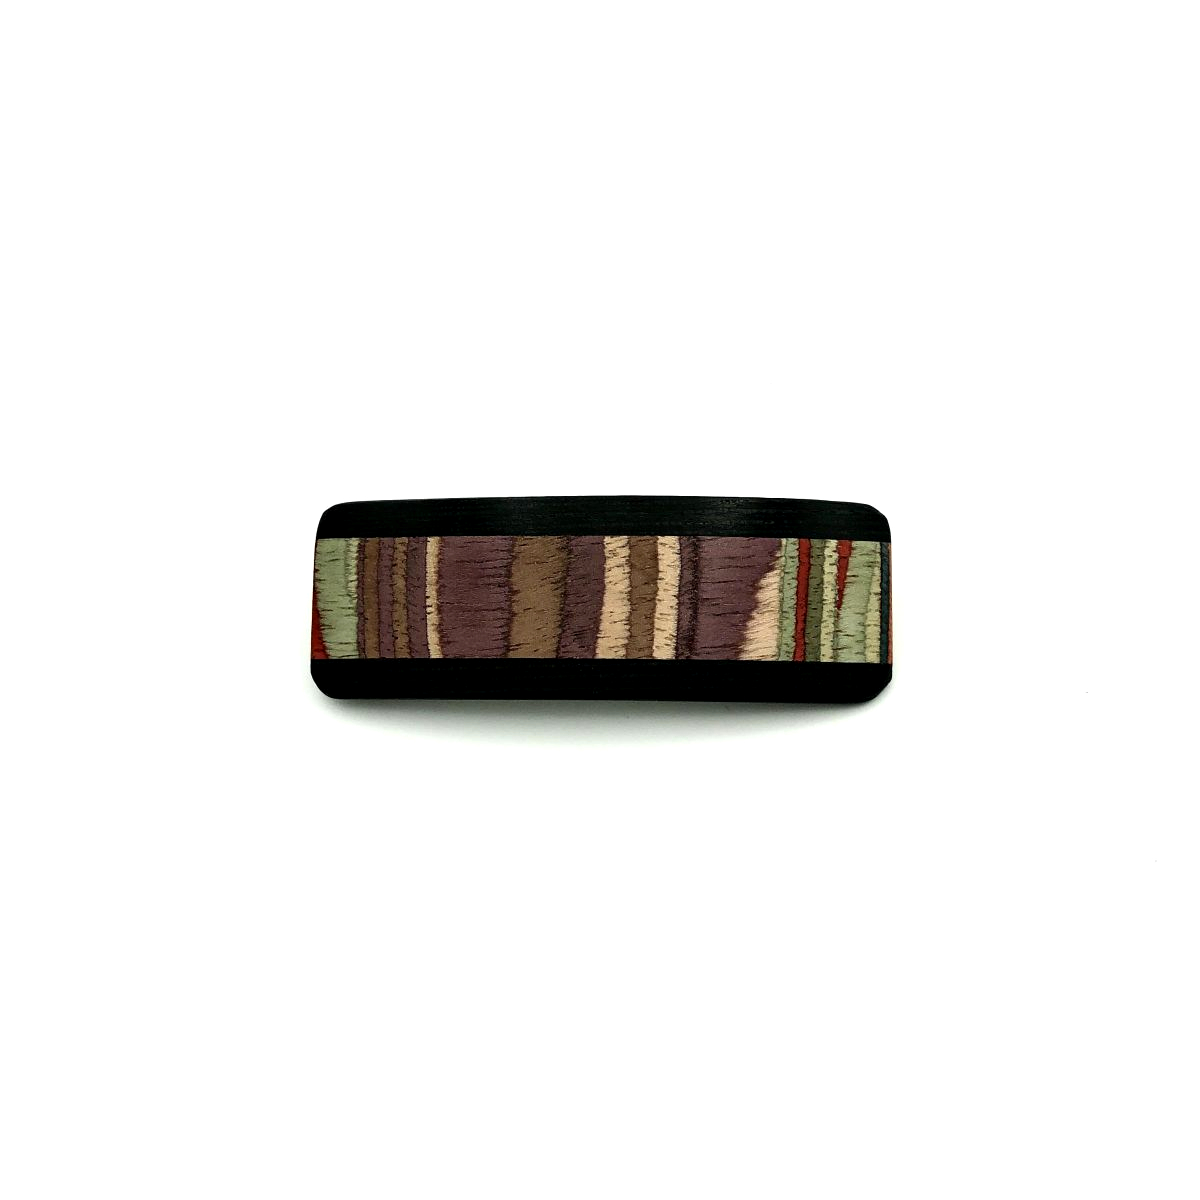 Haarspange aus Holz lila/bunt - klein - 7,5 cm